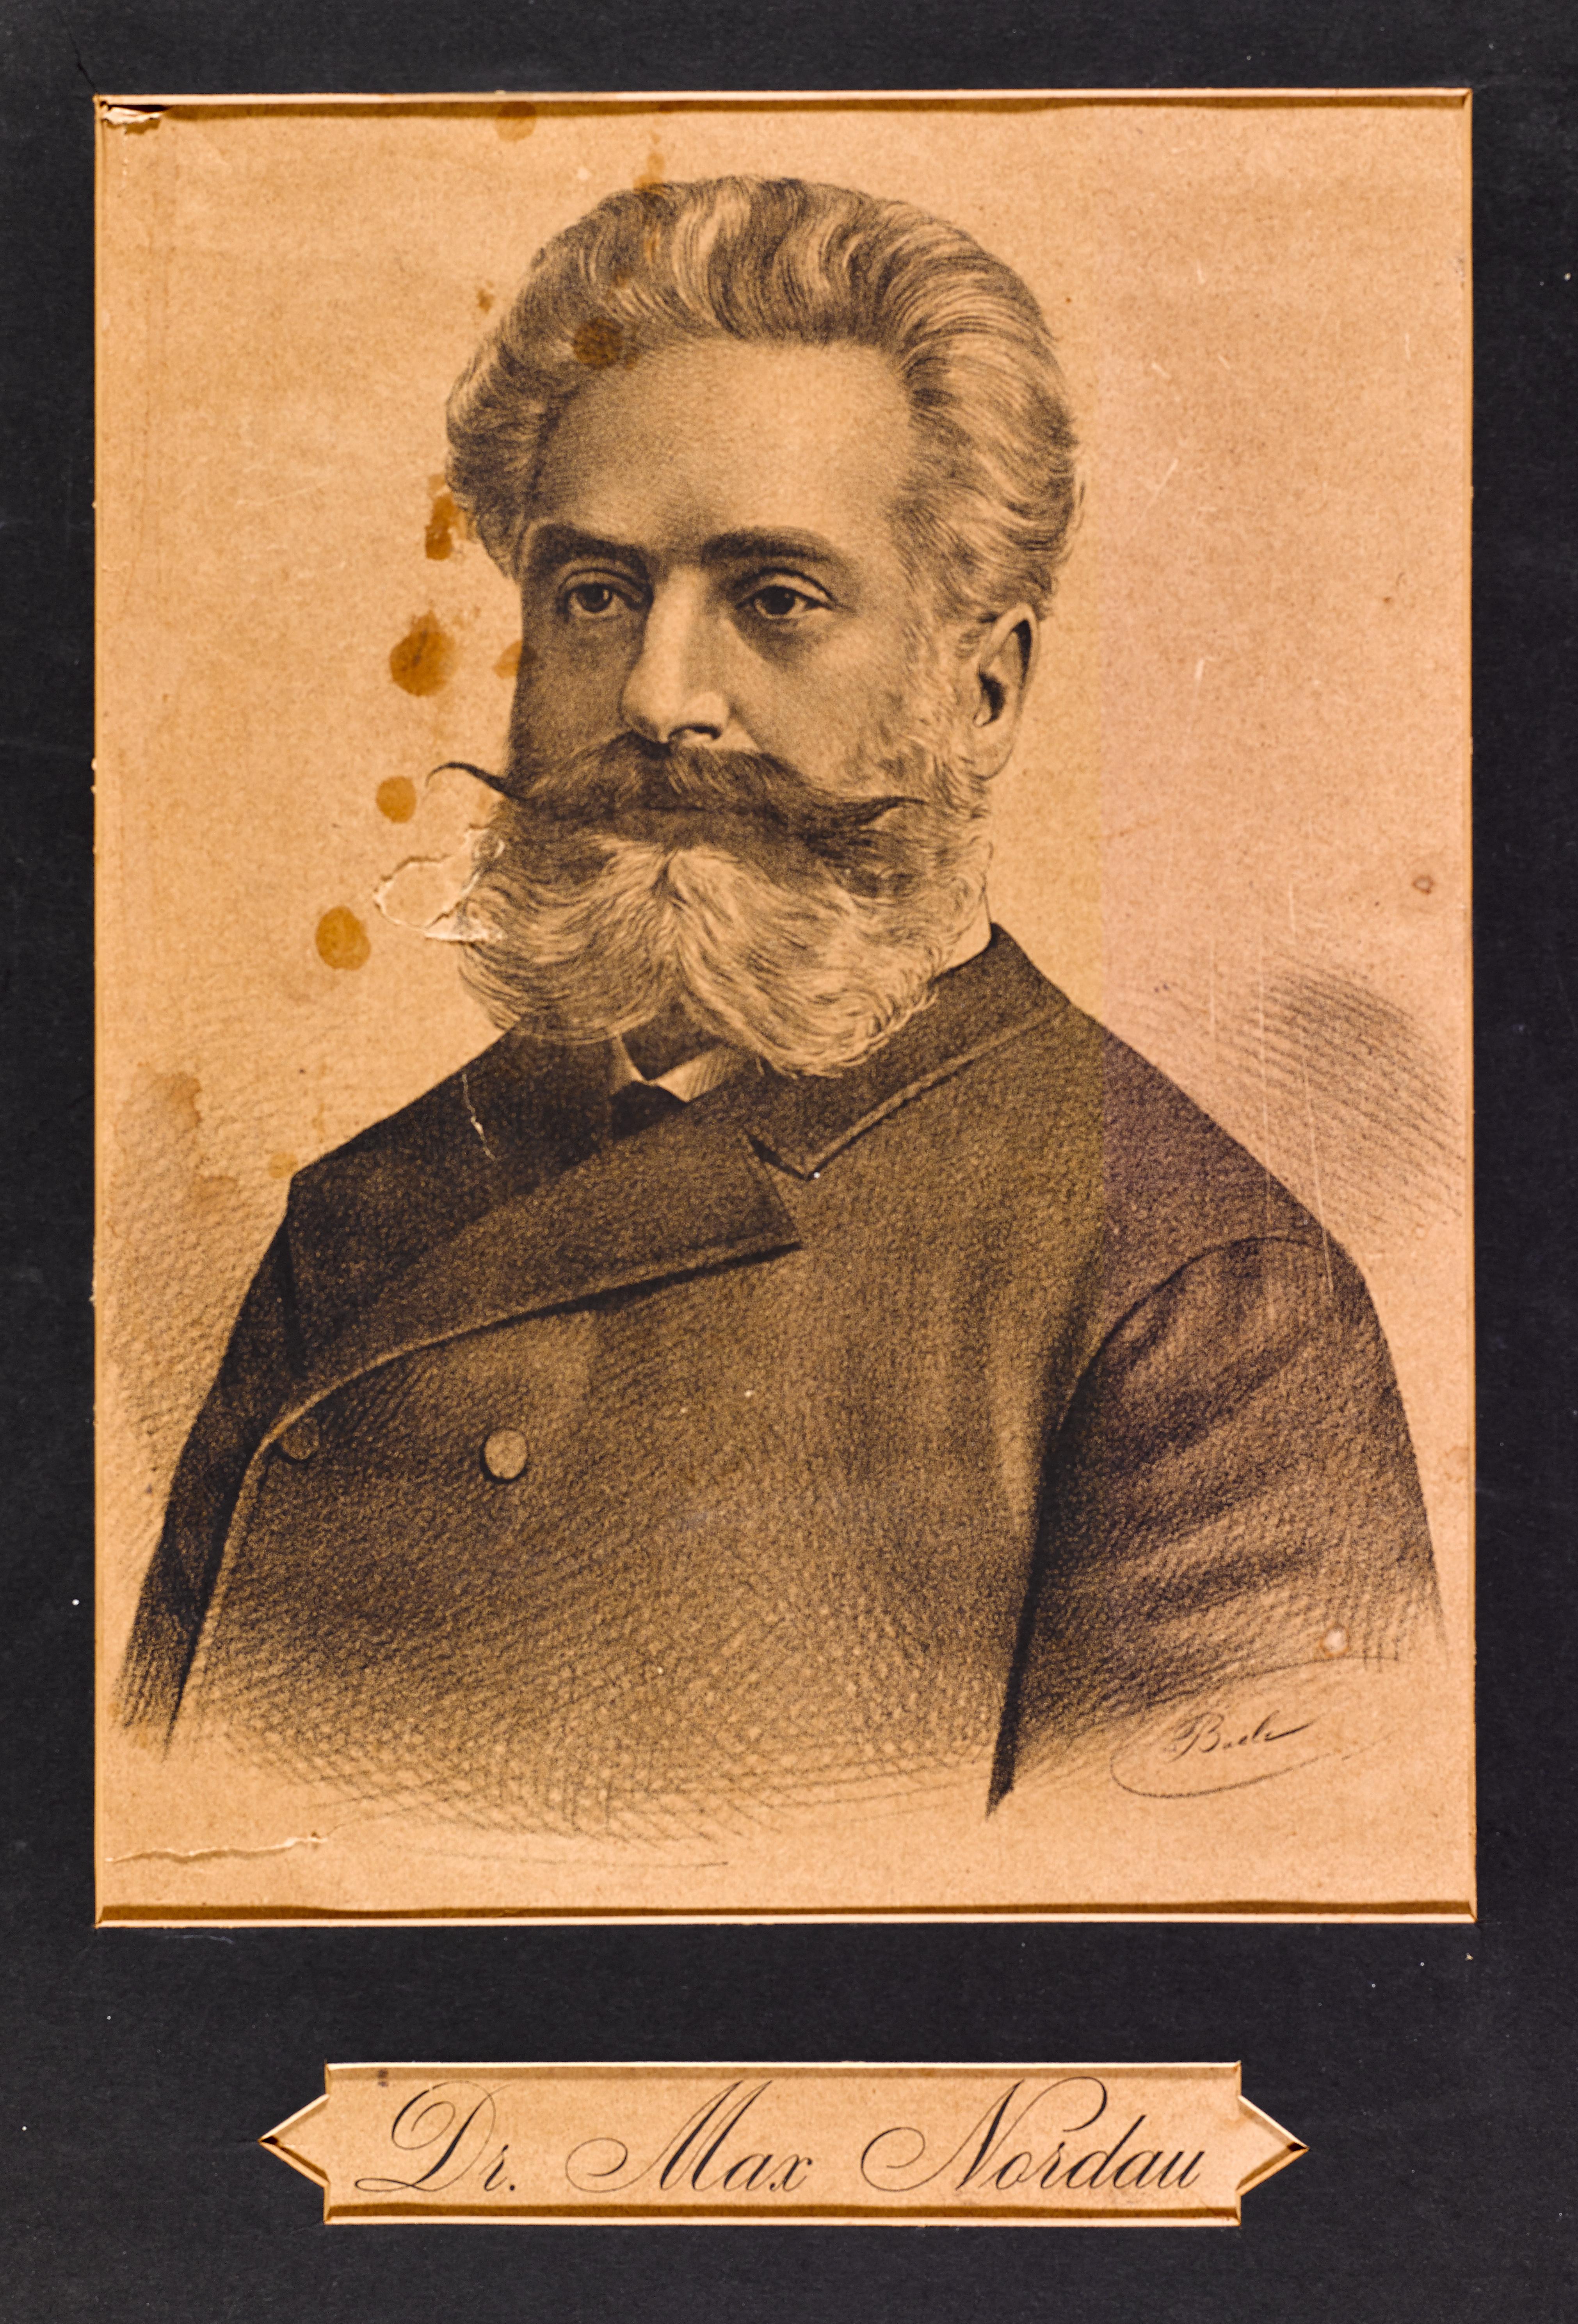 Dr Max Nordau